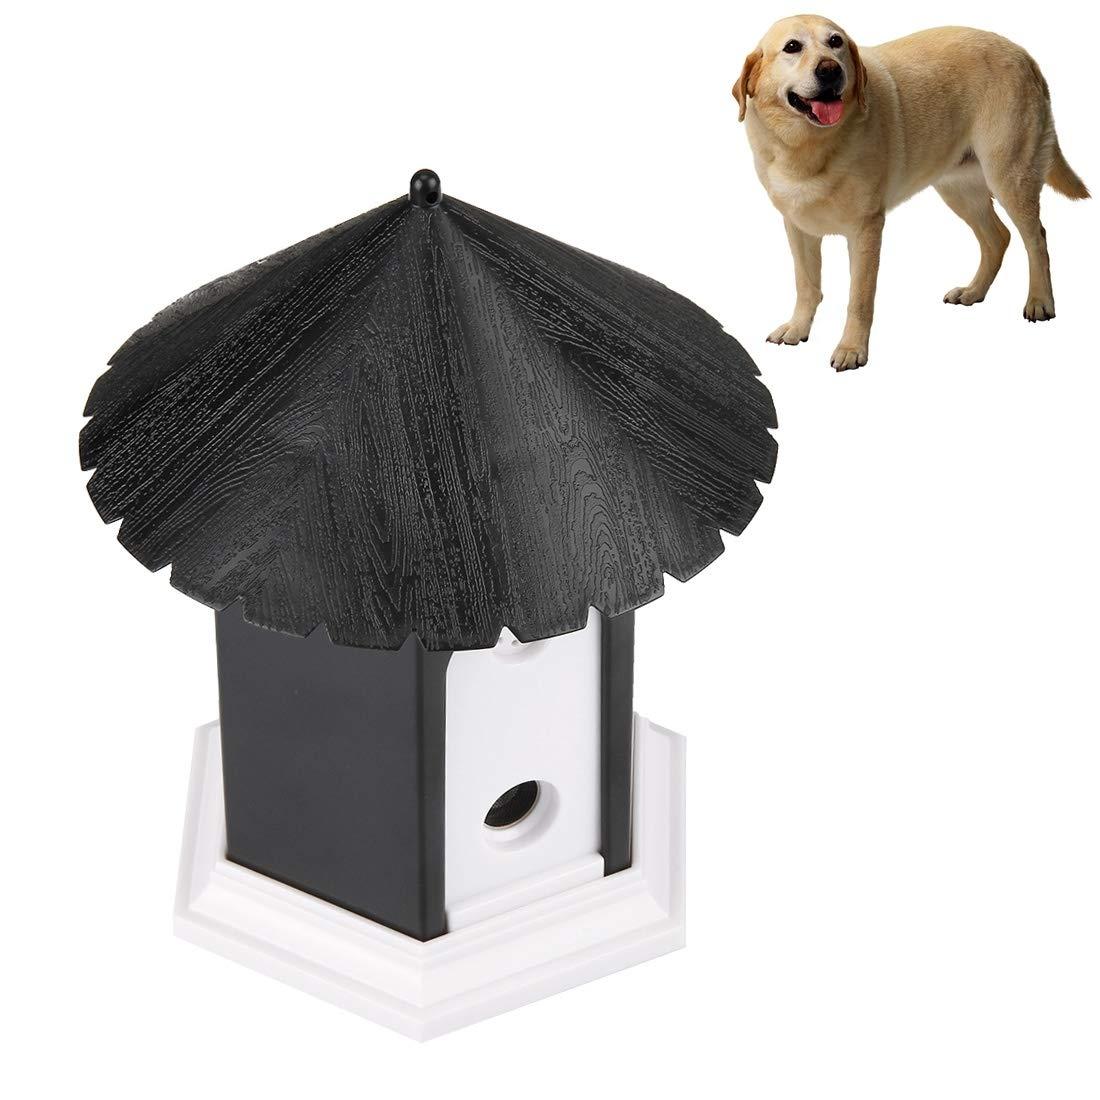 AntCompany Pet-Only Bella Abbastanza Bella Moda Confortevole a Distanza Pet Dog Outdoor Bark Control Training House Sicurezza